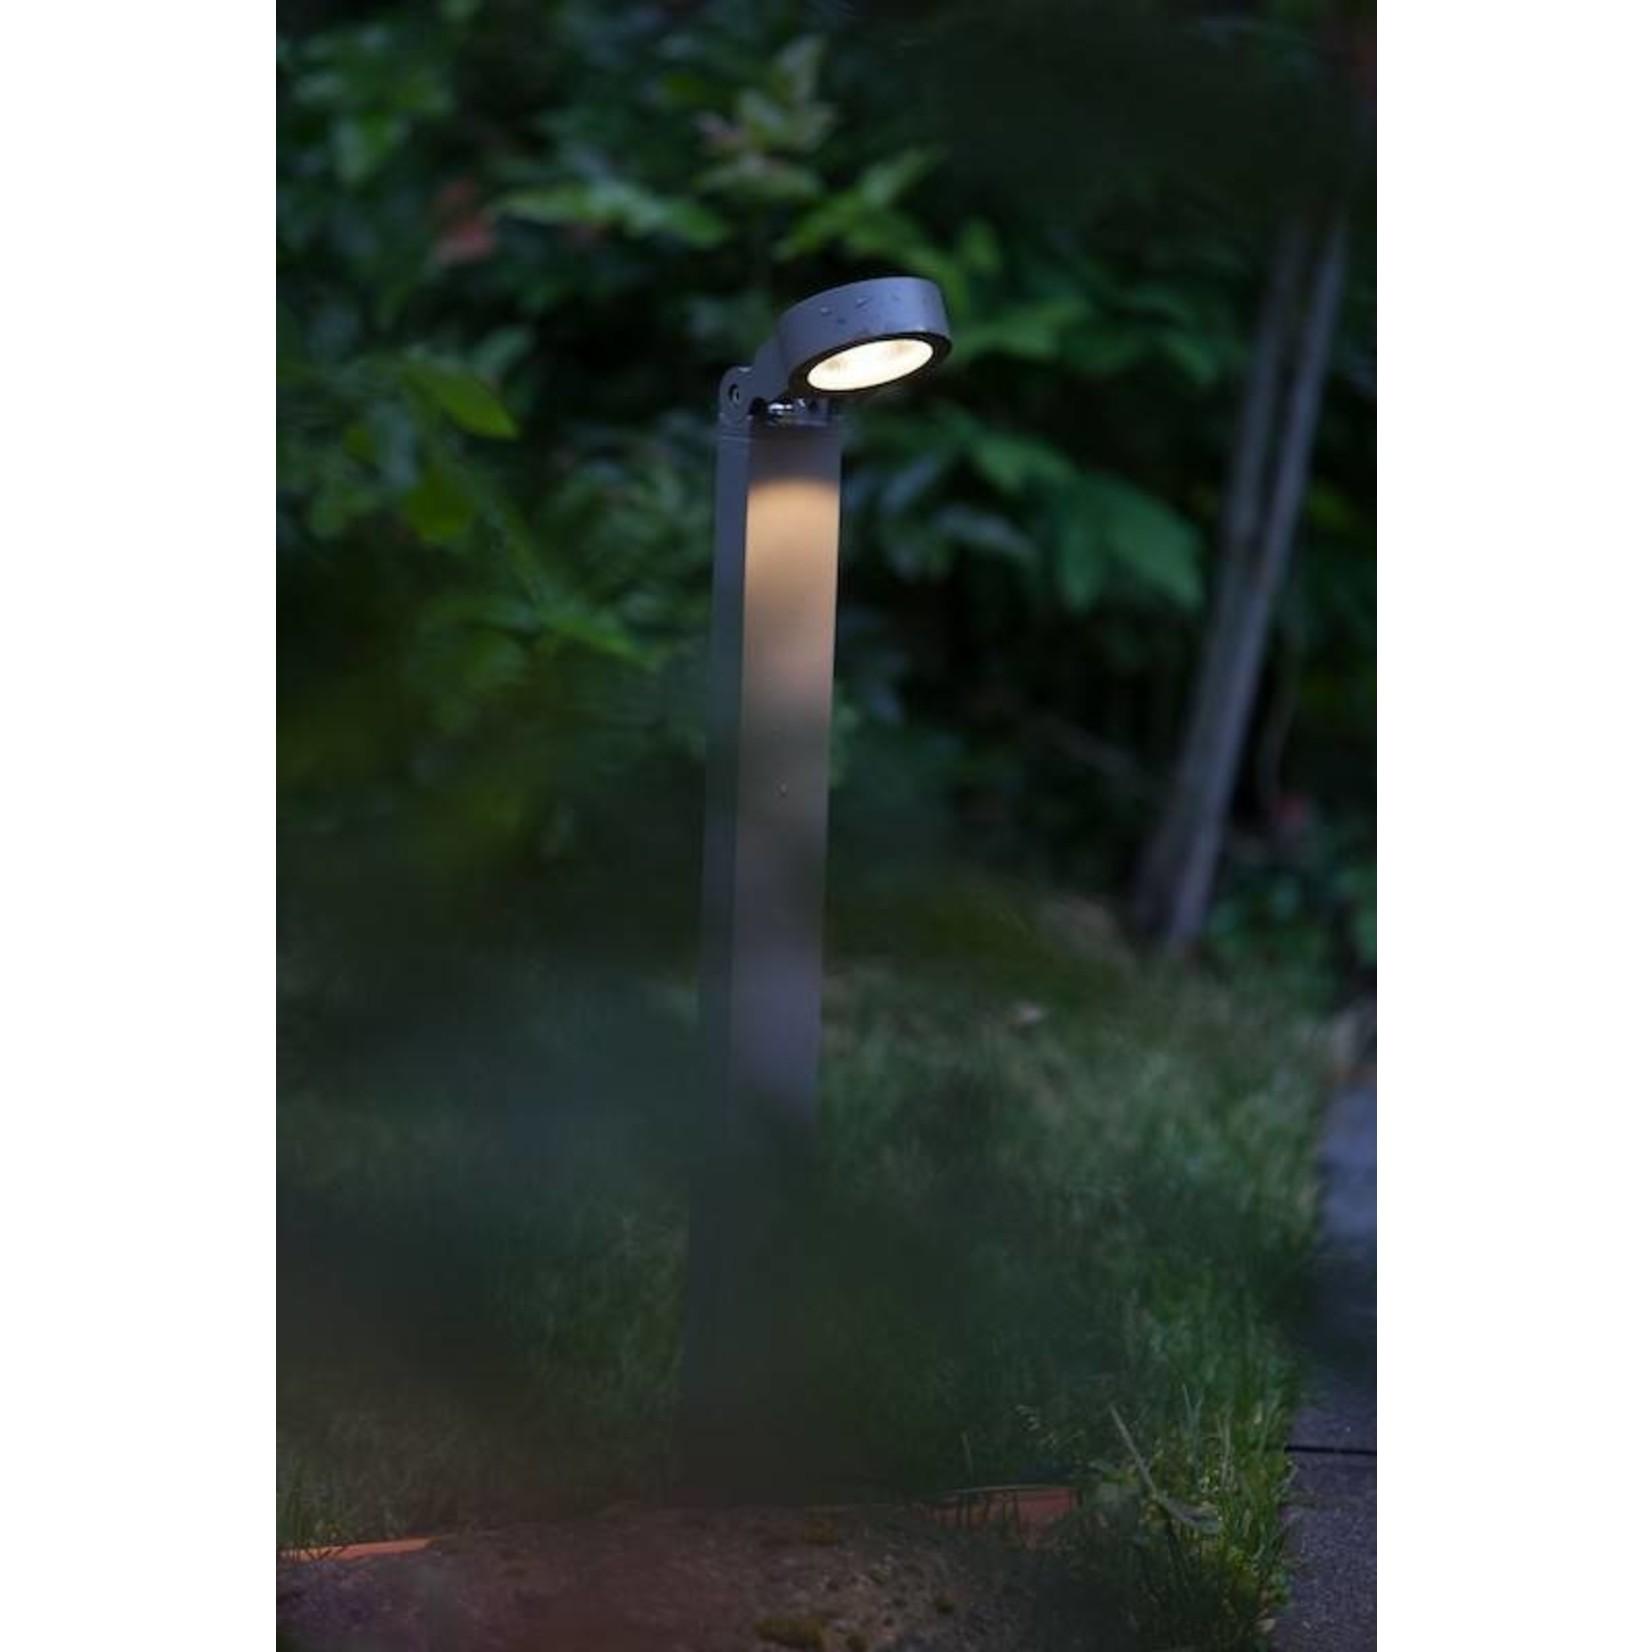 Heissner Smart Light tuinlamp 5W warm wit metaal